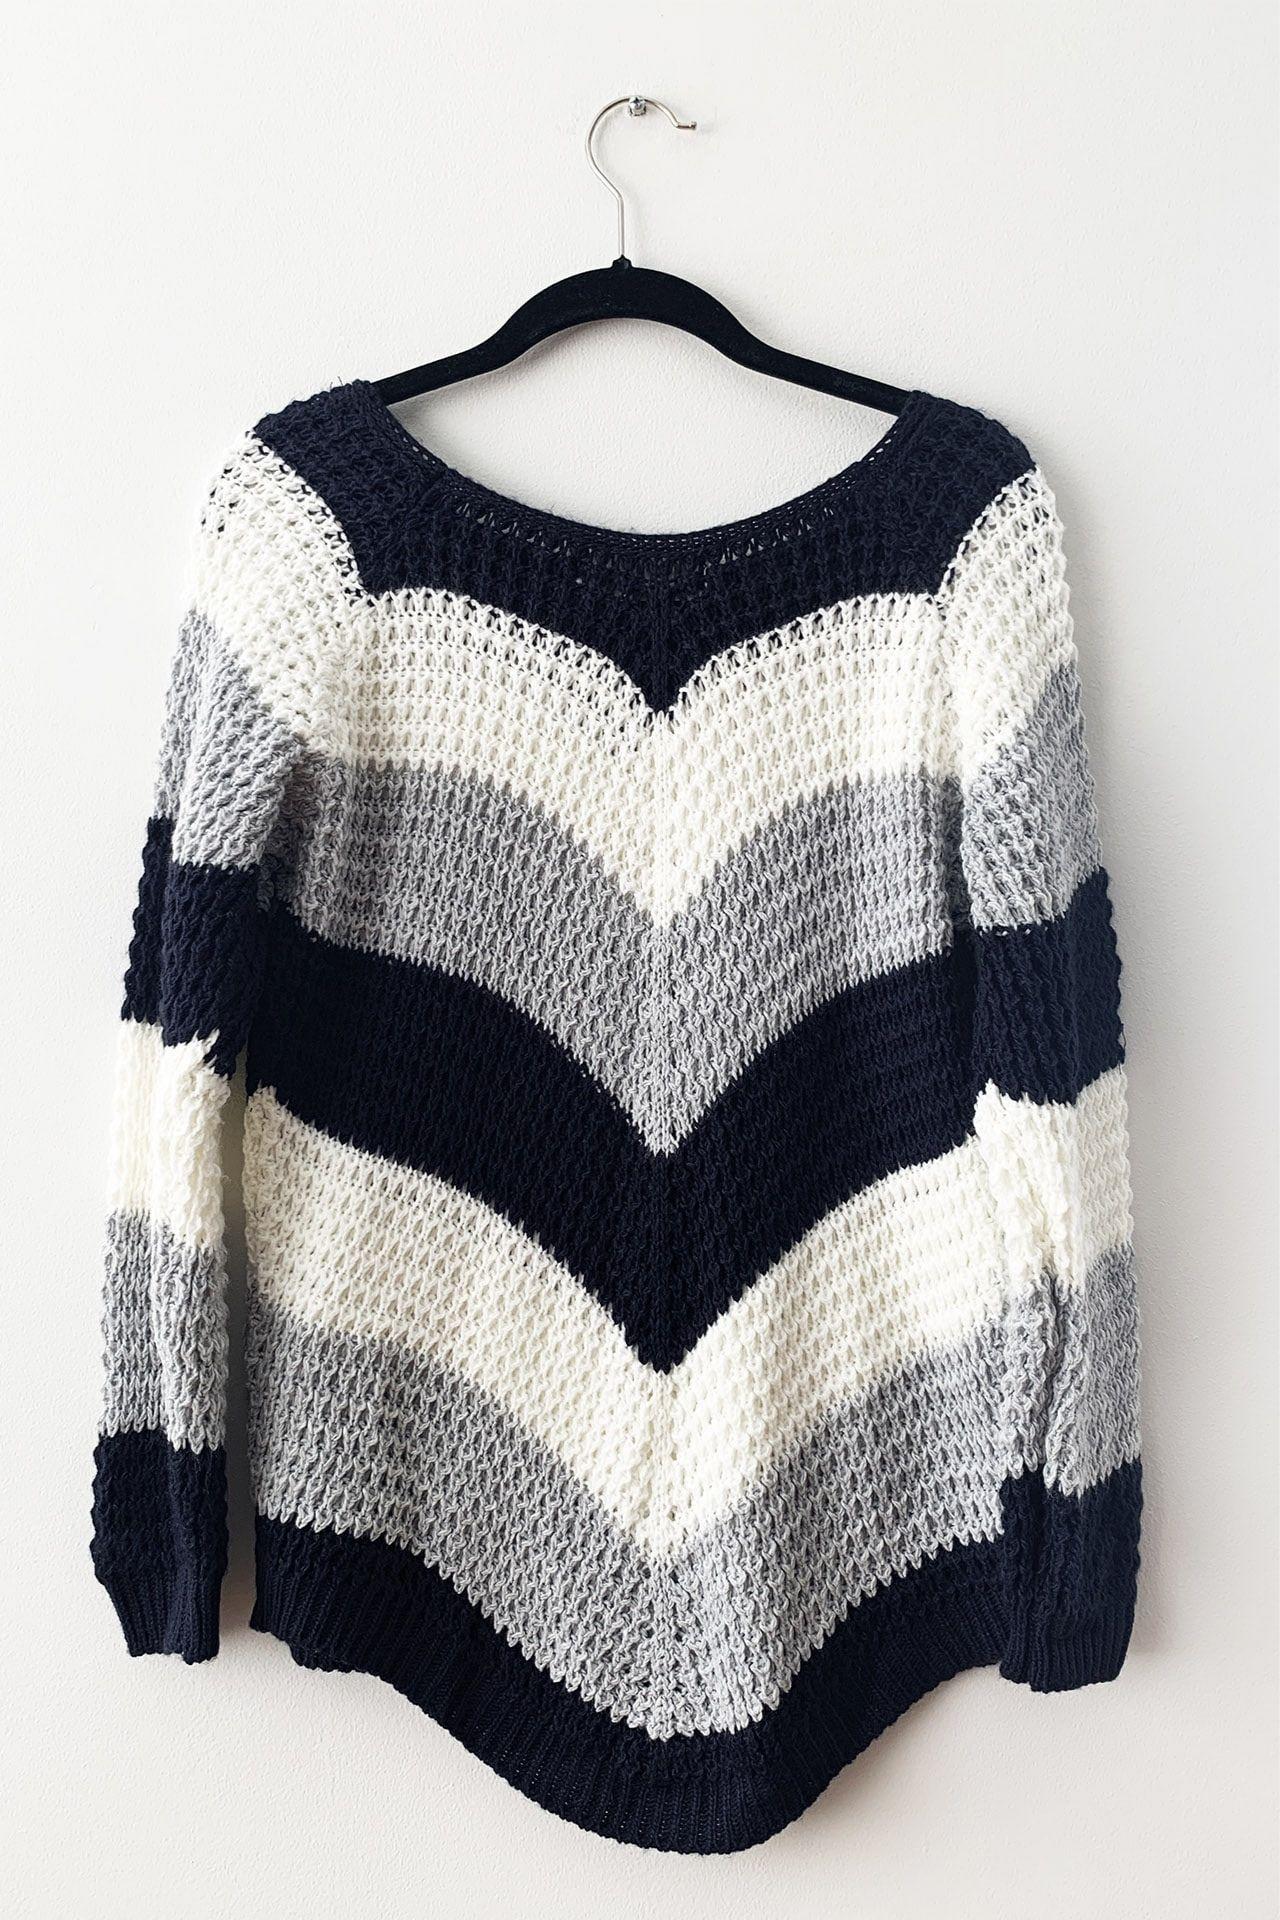 Sweater tejido semi calado cuello ojal.                 Corte cropped Made in Italy                                              Material & cuidado 95% Acrílico 5% Poliester Lavar en agua tibia a mano  Medidas:  Cintura: 46 cm  Largo: 62 cm